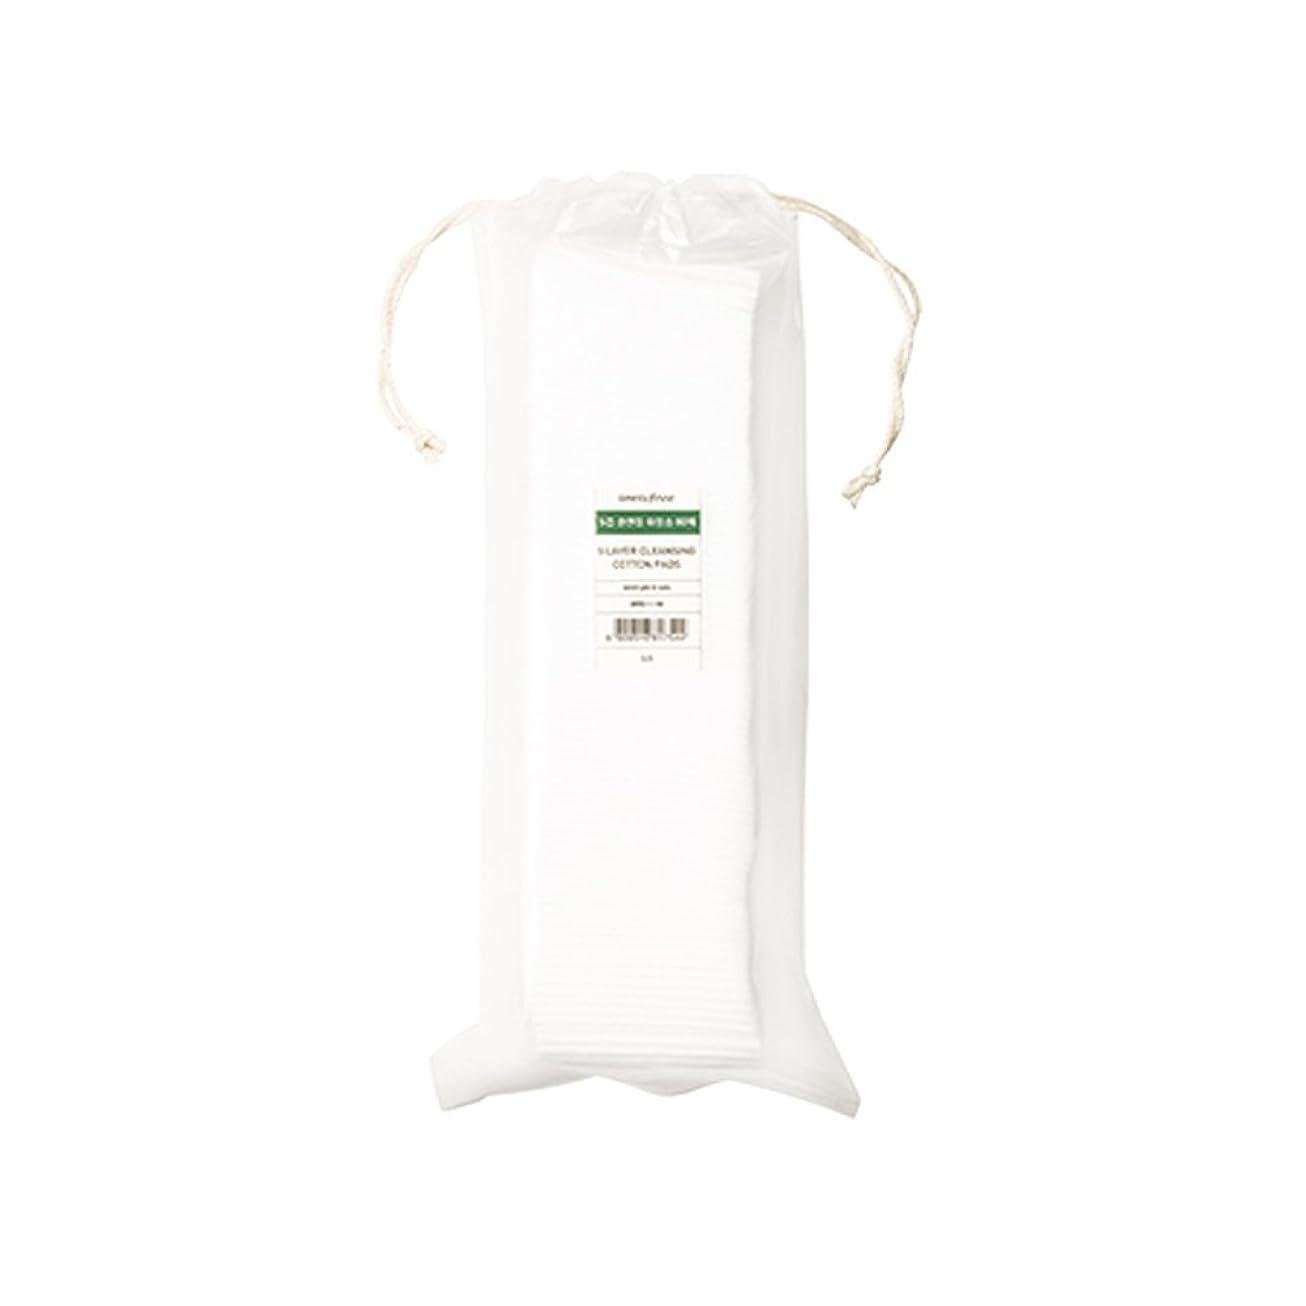 適応的ナビゲーション実際イニスフリー美容ツール5層クレンジングコットンパッド / Innisfree Beauty Tool 5 Layers Cleansing Cotton Pads[並行輸入品][海外直送品]